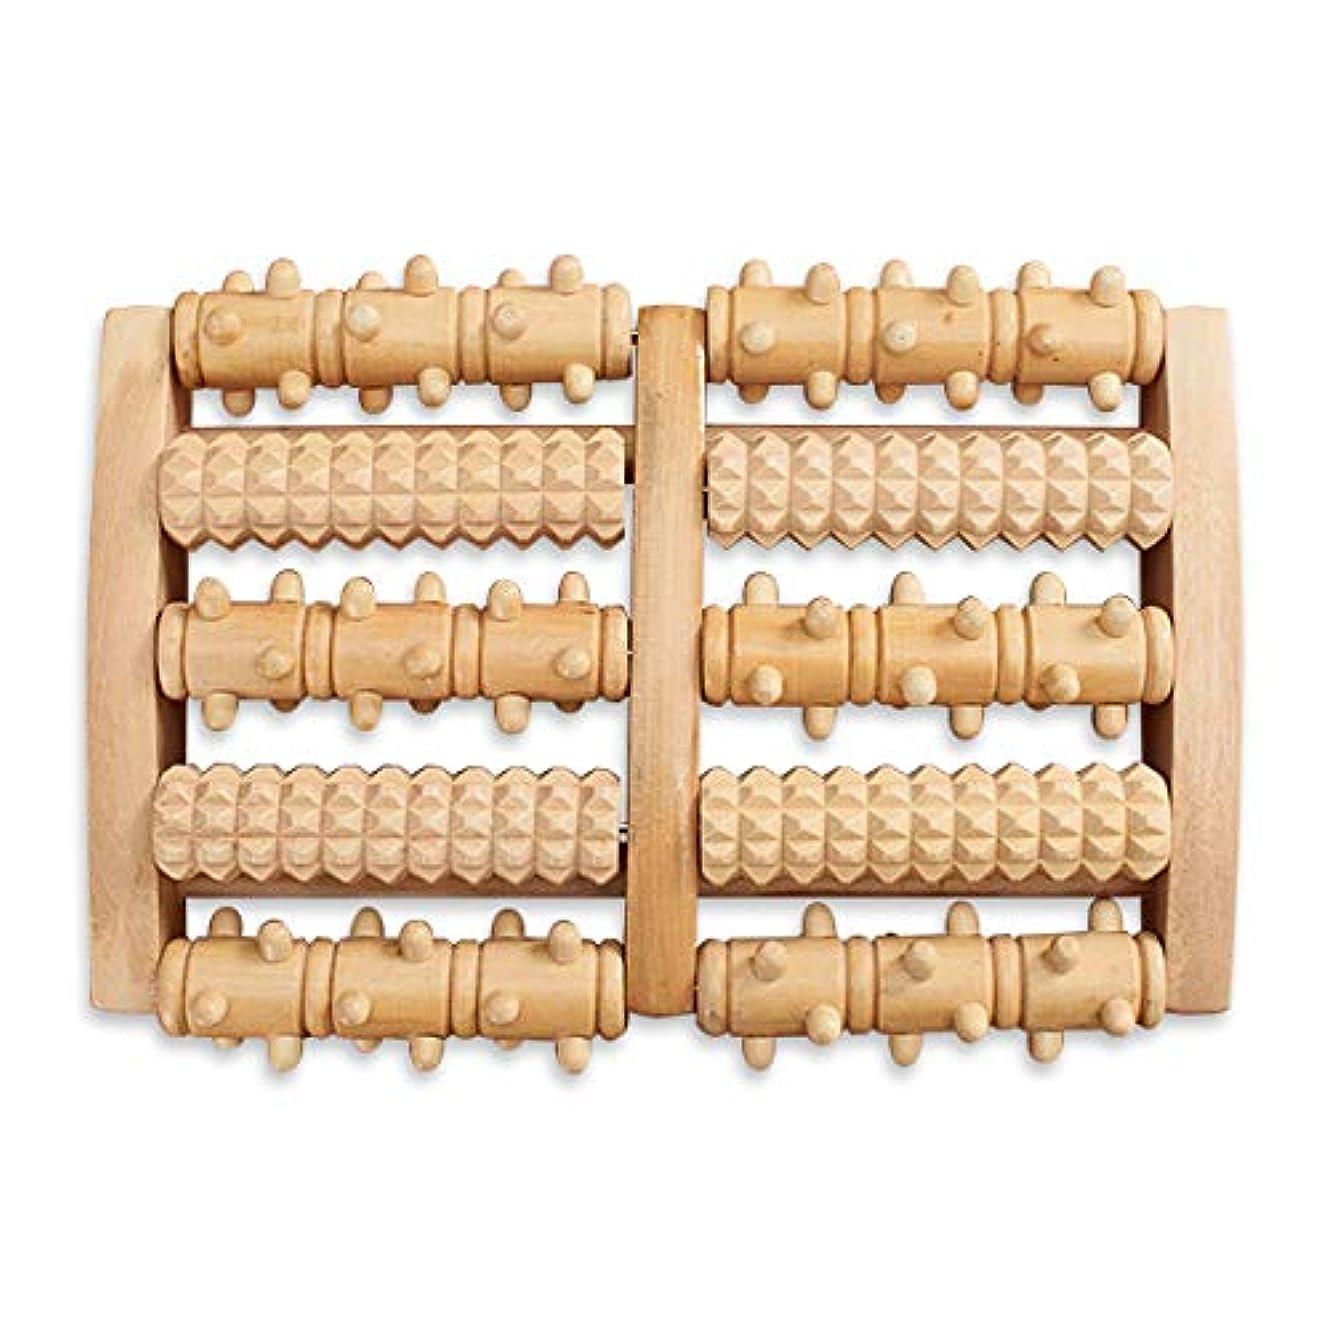 資源ゲスト小石HAMILO フットローラー フットマッサージ器 足ツボ押し器 回転 木製 足裏 足つぼ 按摩 (ナチュラルウッド)